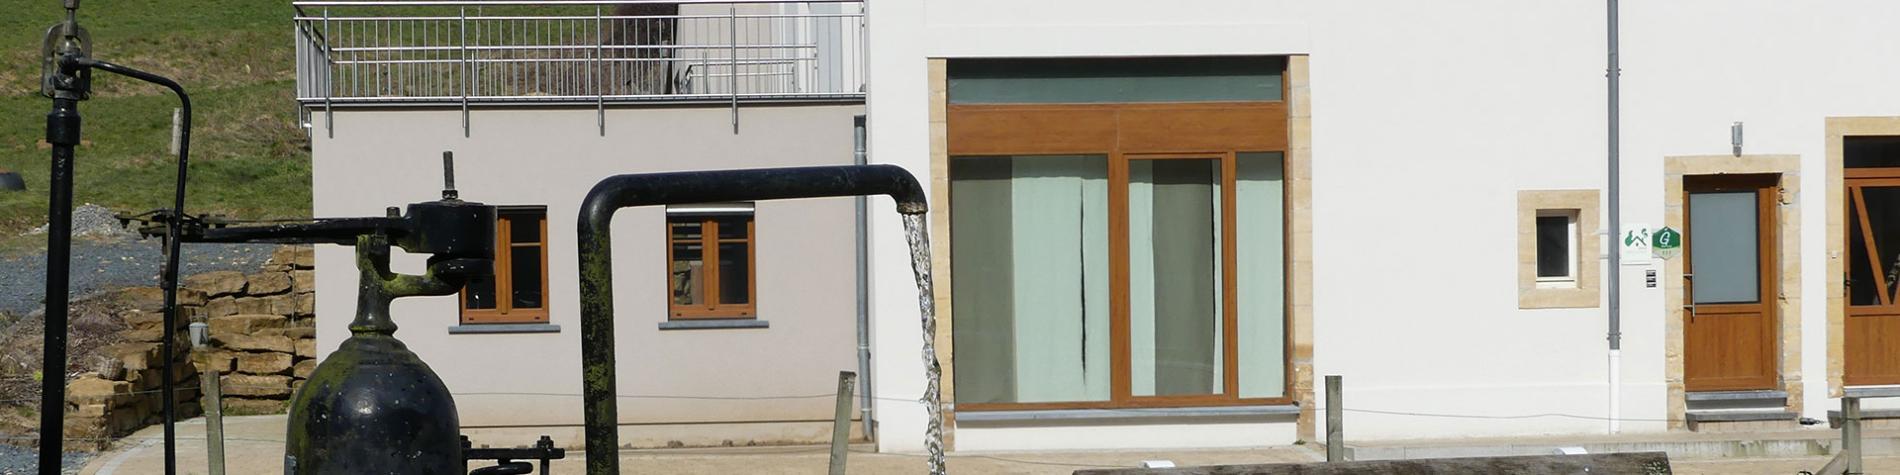 Gîte du Pâquis II - Florenville - agréable appartement - 1er étage - 4 personnes